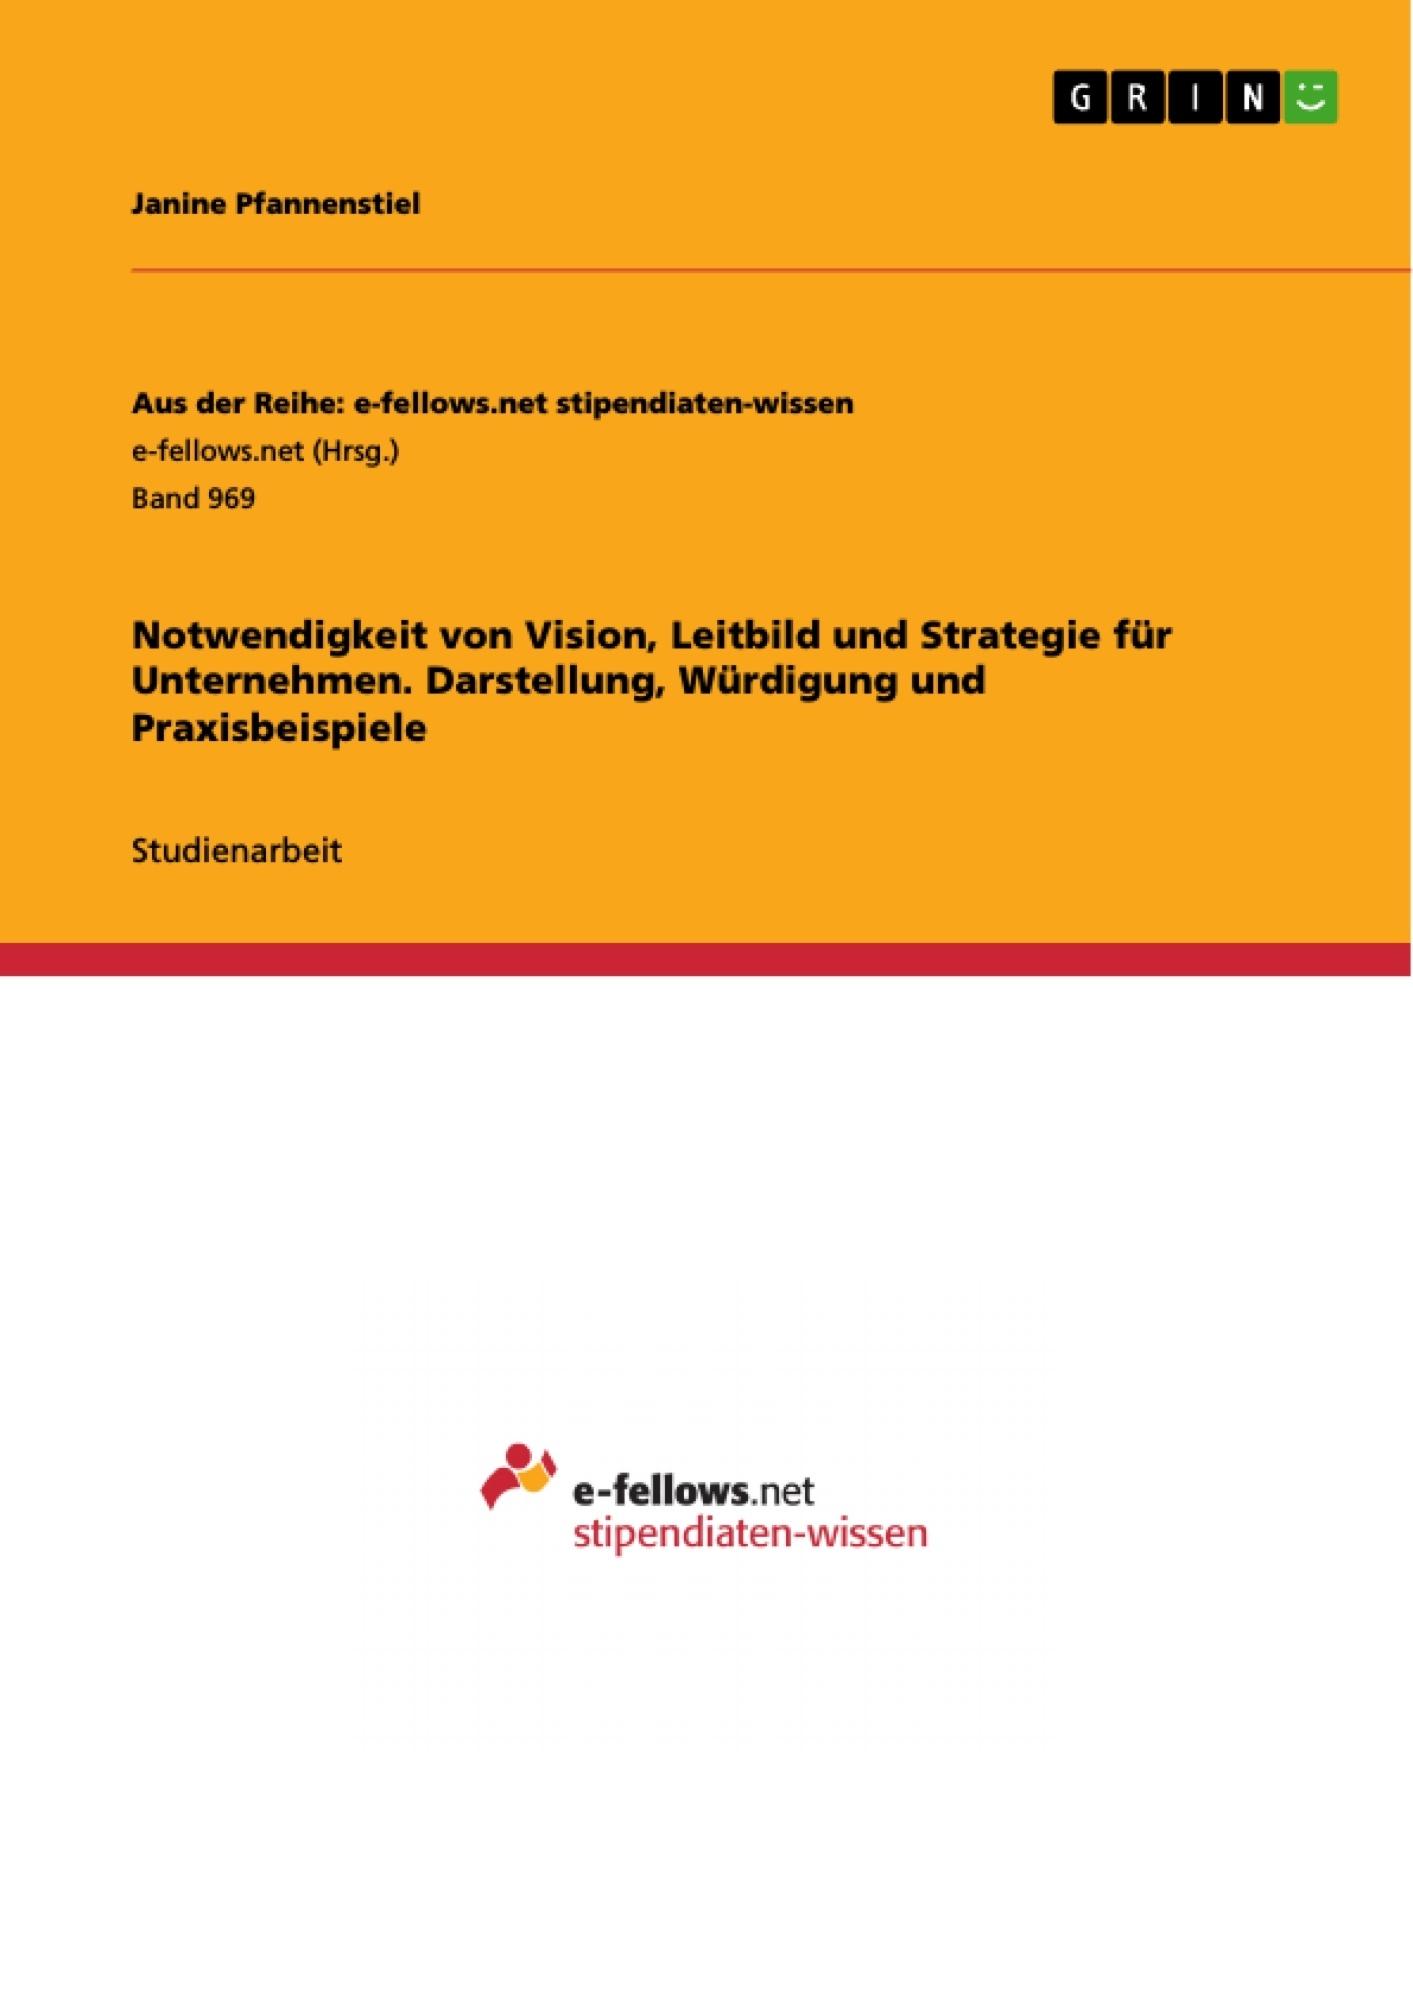 Titel: Notwendigkeit von Vision, Leitbild und Strategie für Unternehmen. Darstellung, Würdigung und Praxisbeispiele